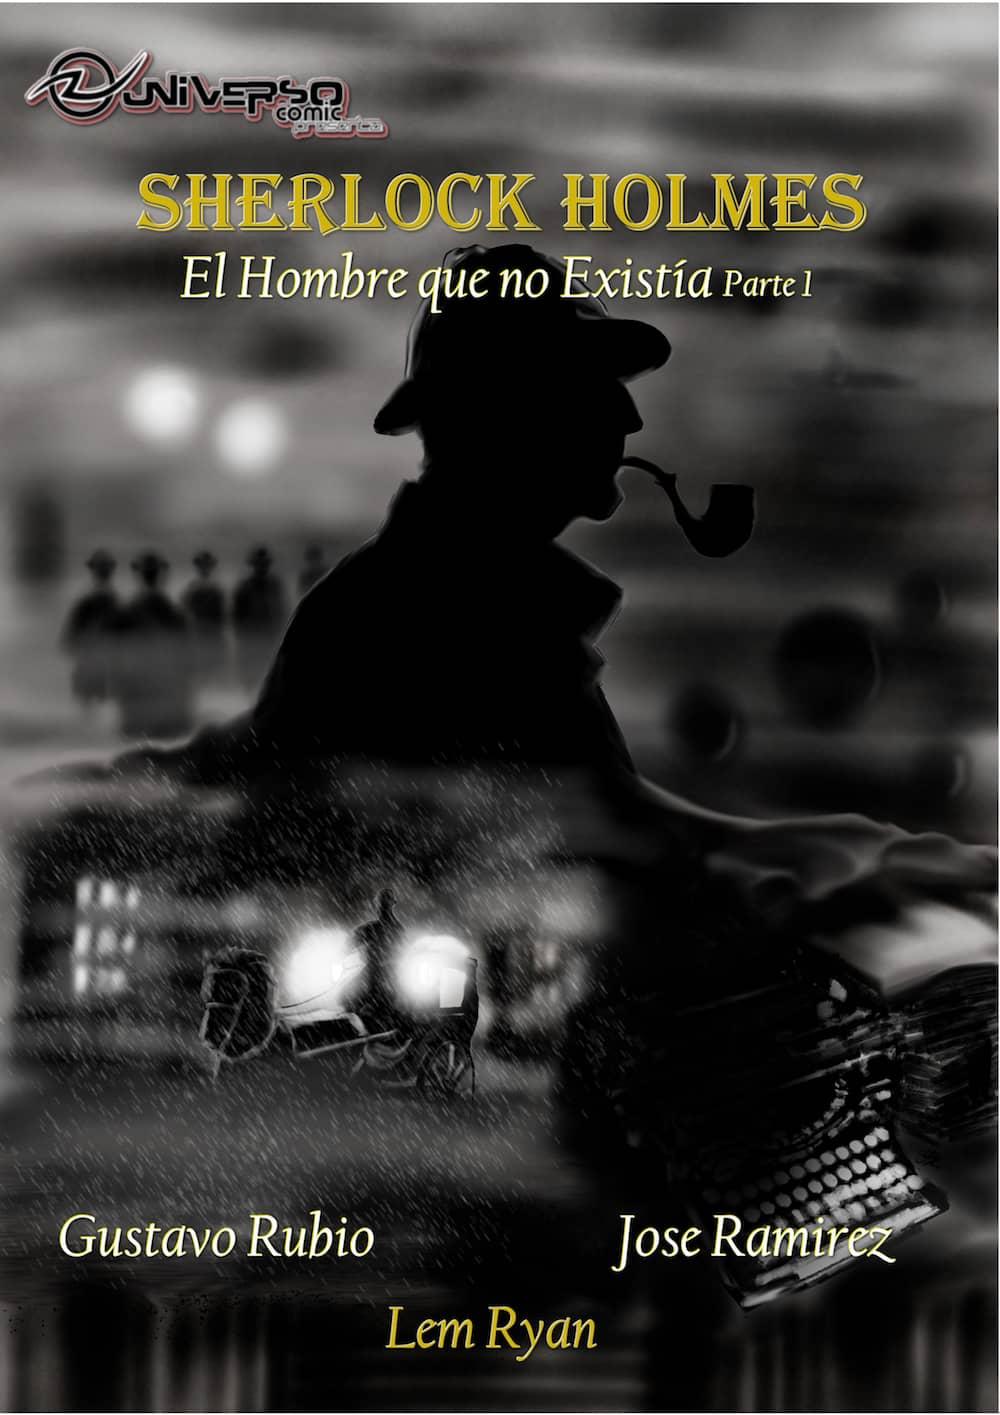 SHERLOCK HOLMES. EL HOMBRE QUE NO EXISTIA (PARTE 1)